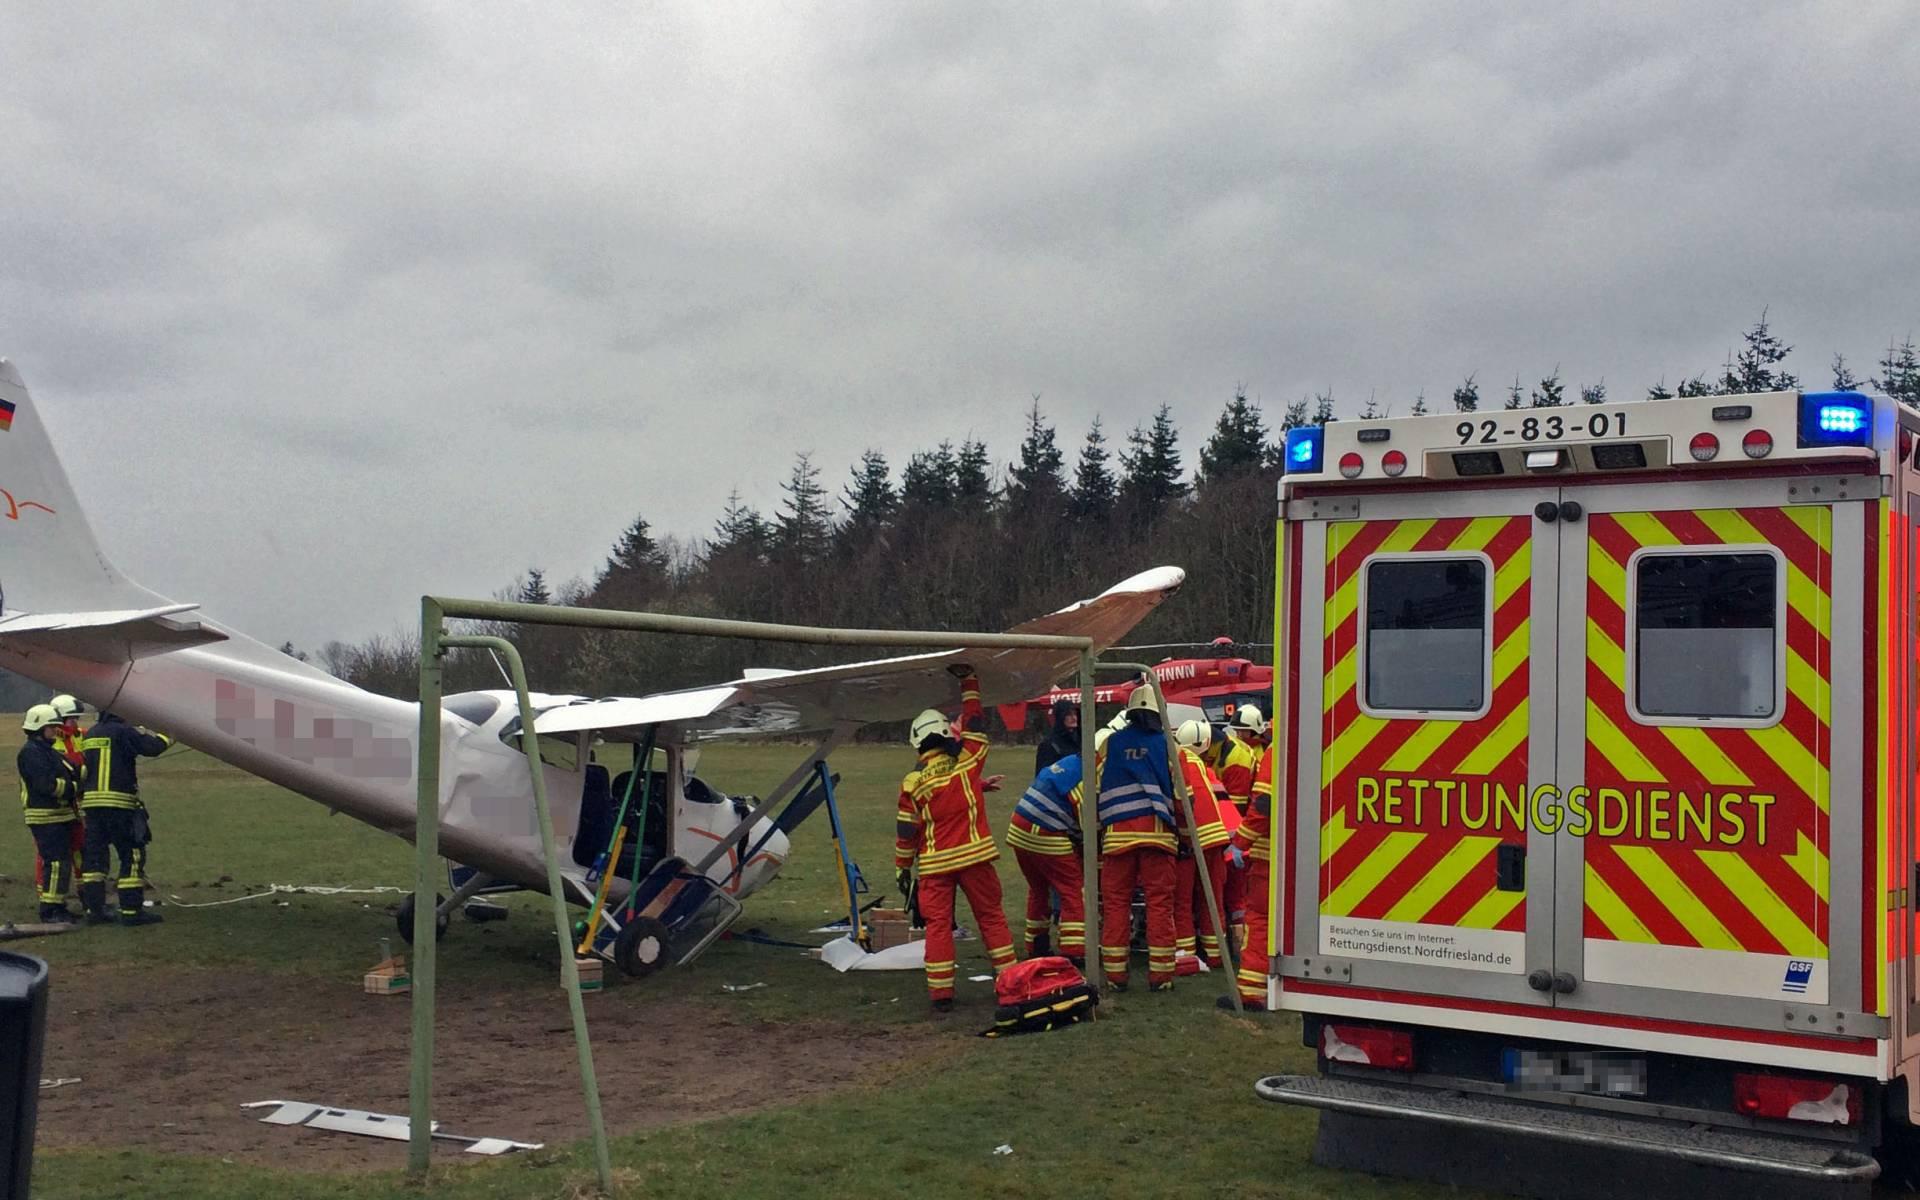 Knapp über dem Boden kippte das Flugzeug plötzlich nach links und stürzte ab. Vor den Augen der Niebüller Luftetter.